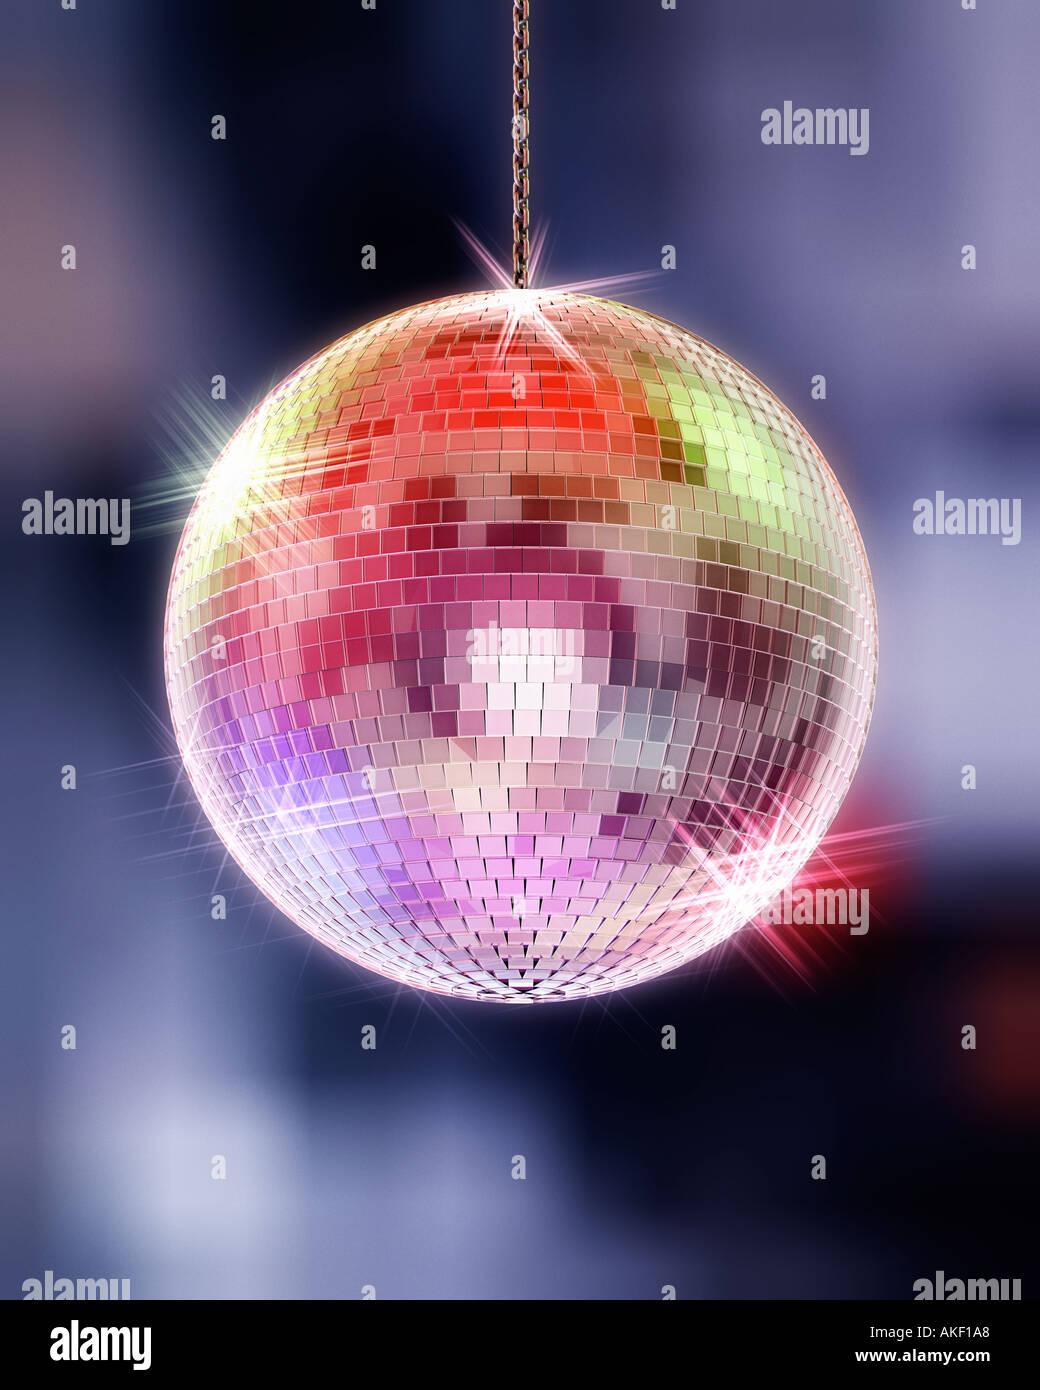 Discoball simbolo della discoteca party club di intrattenimento la brillantezza di luce notte vita notturna Immagini Stock